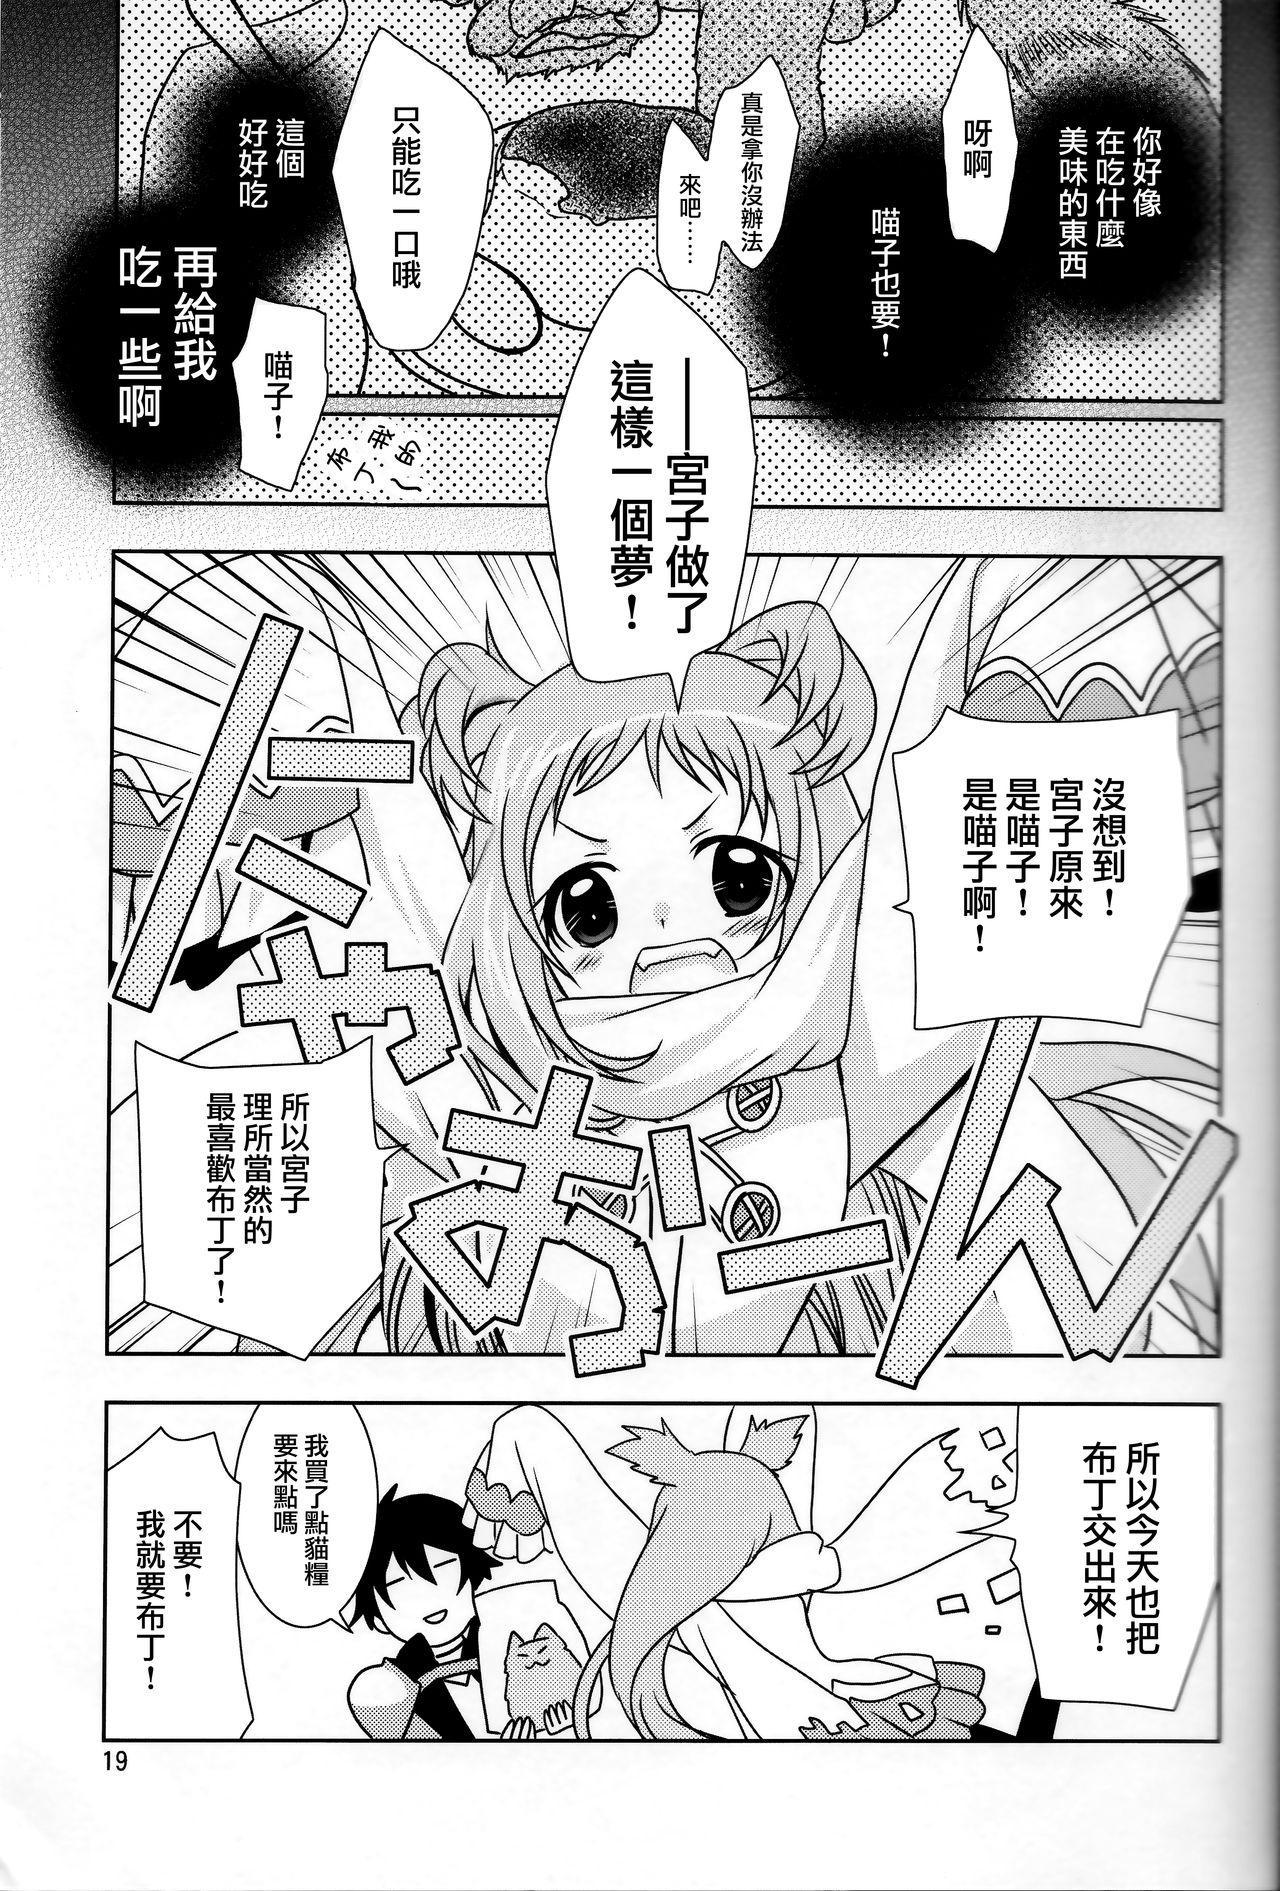 Aruji-sama ni Naisho no Memory Piece 18